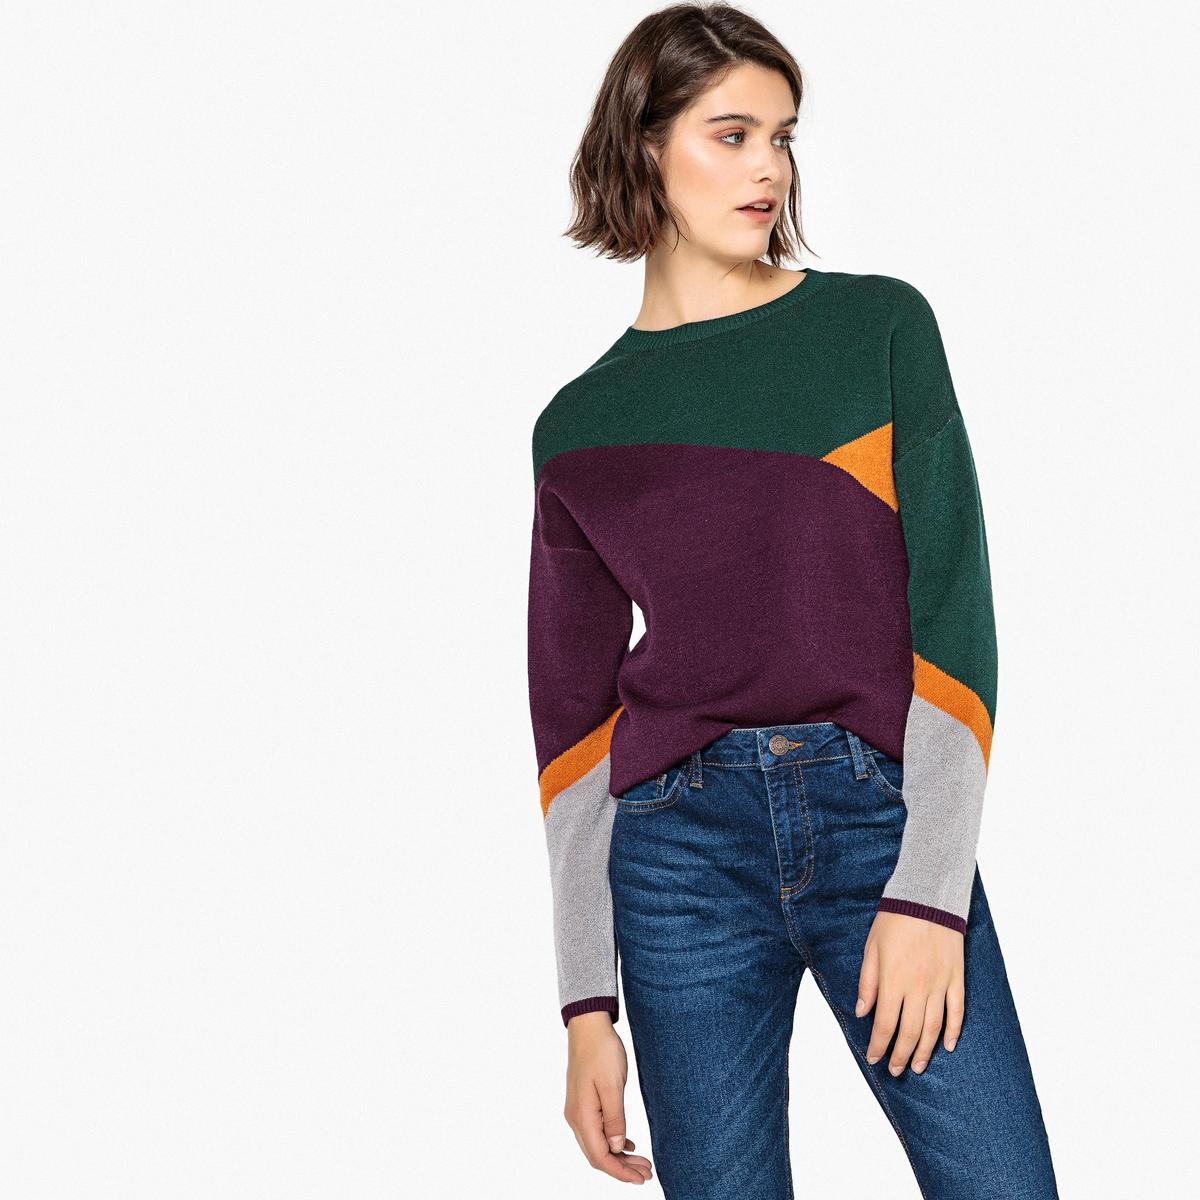 Jersey de cuello redondo con jacquard